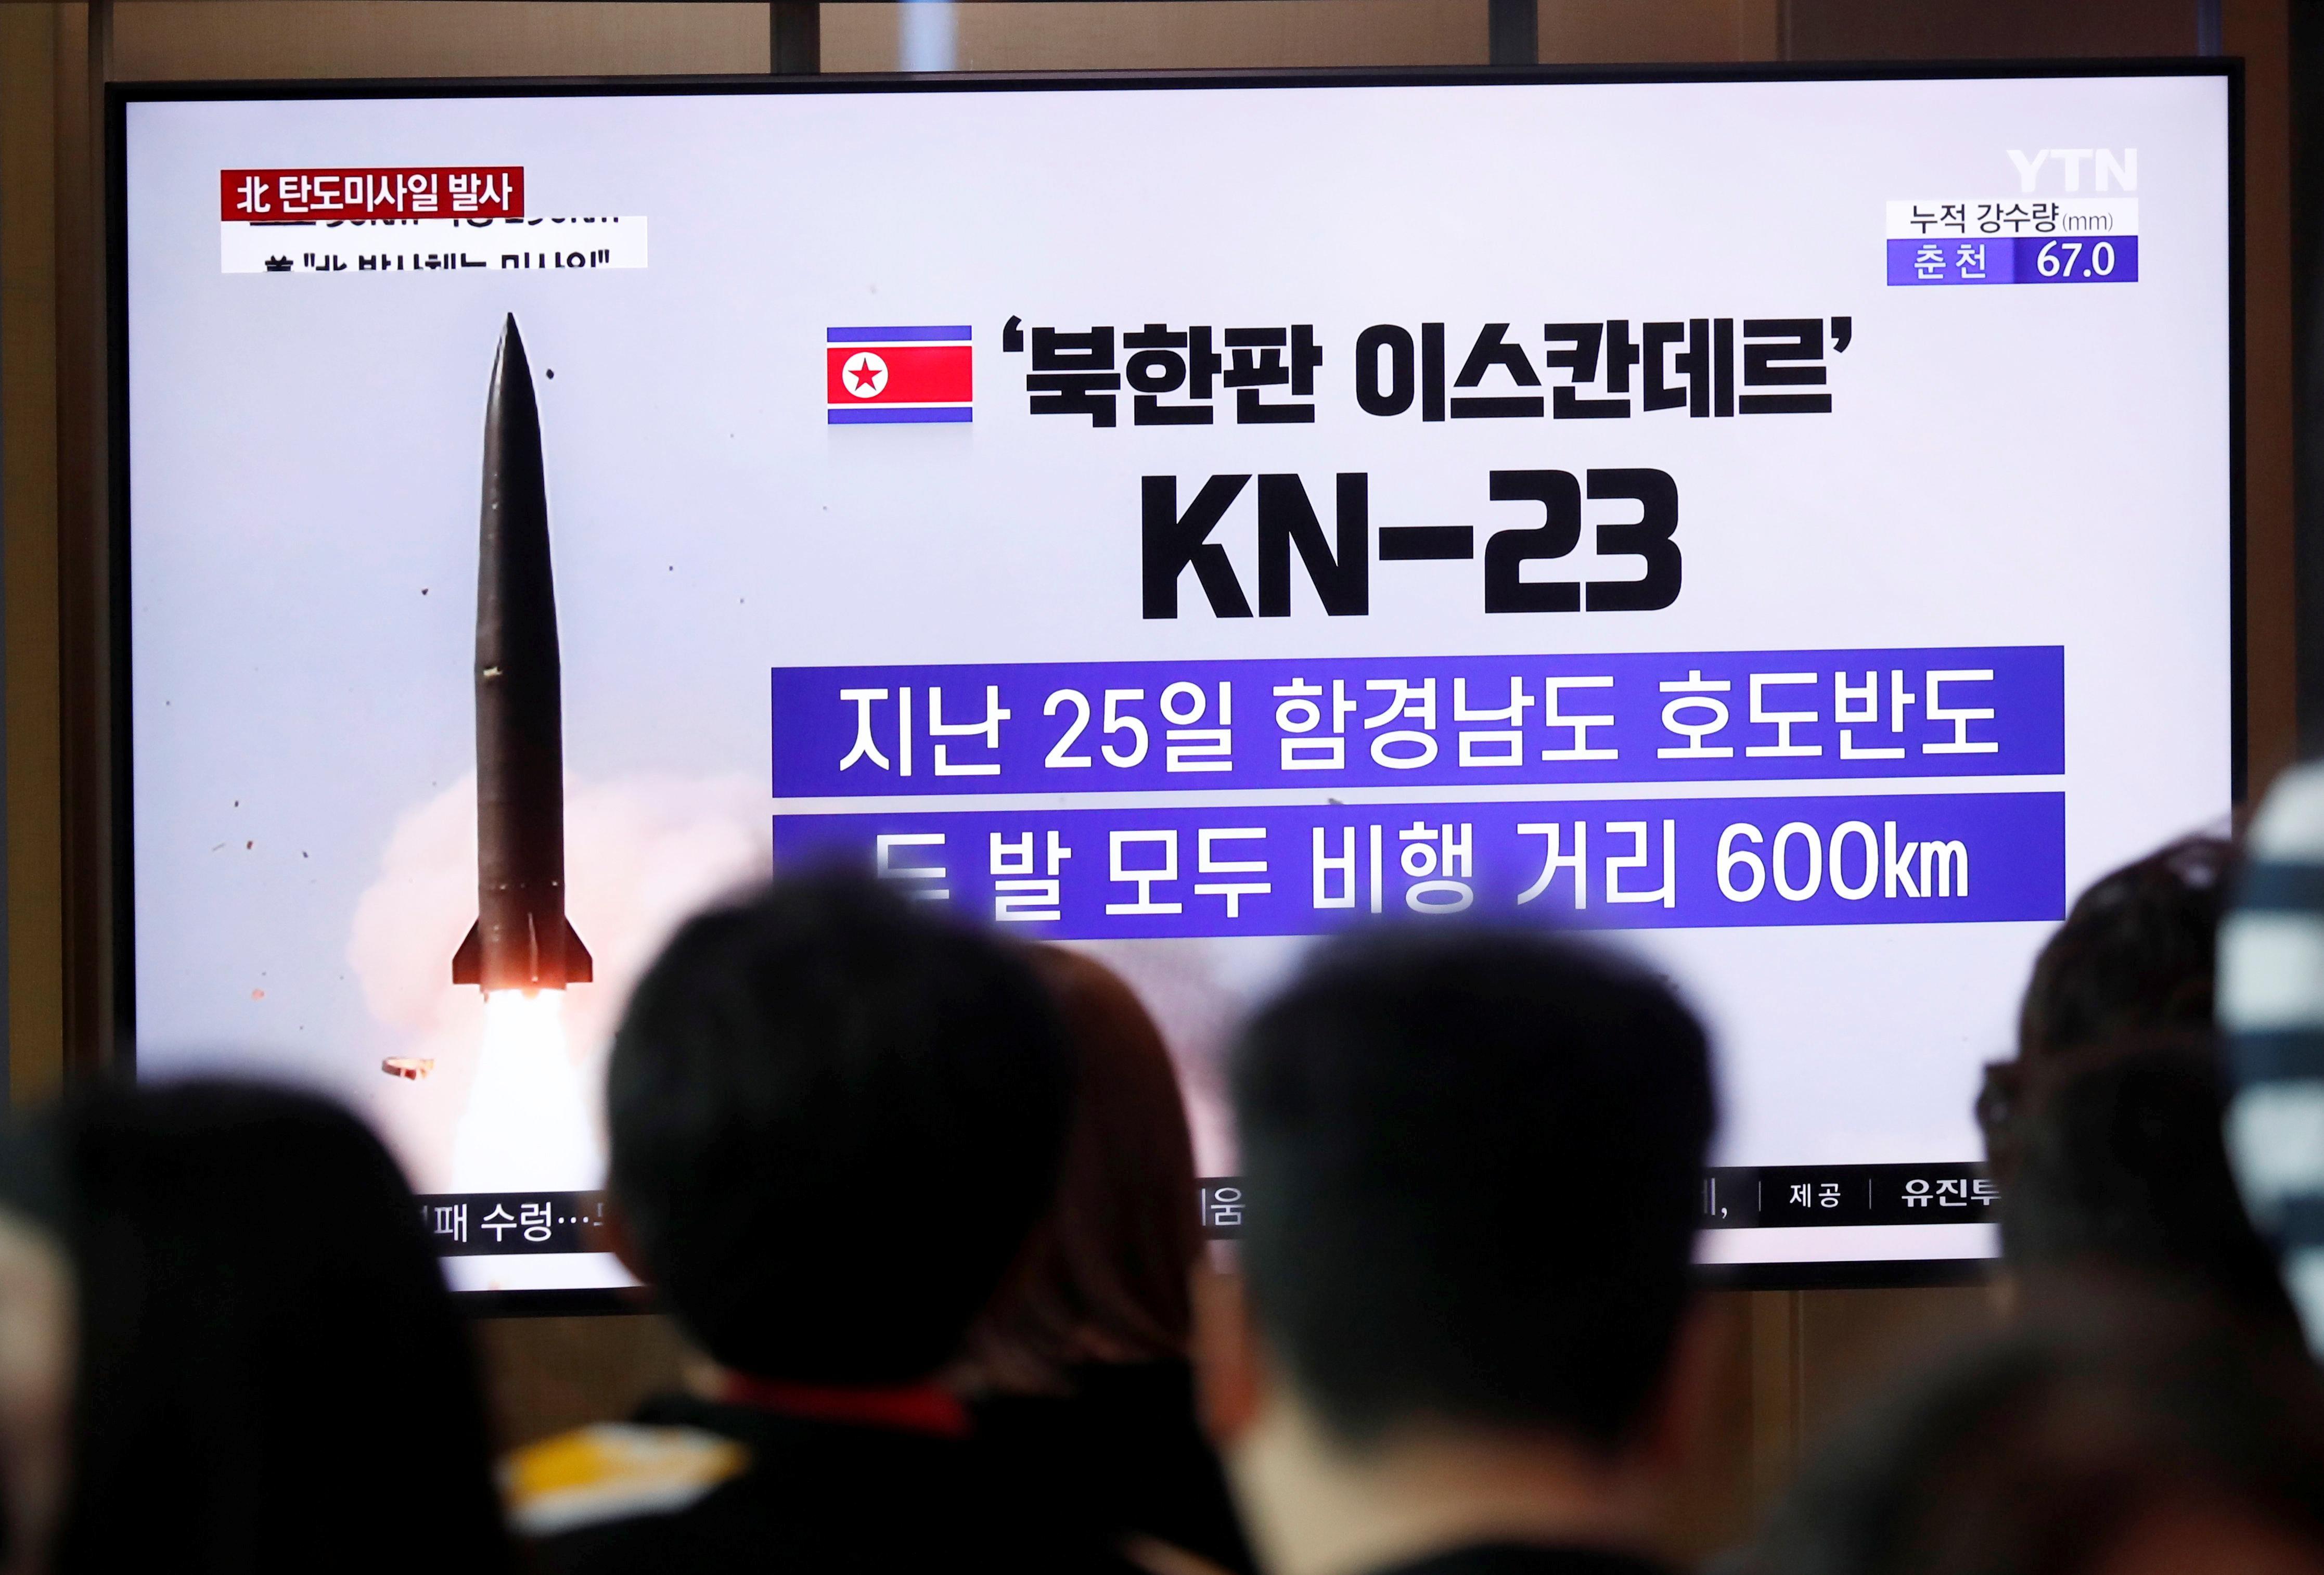 U.S. still hopes for talks after latest North Korean missile tests